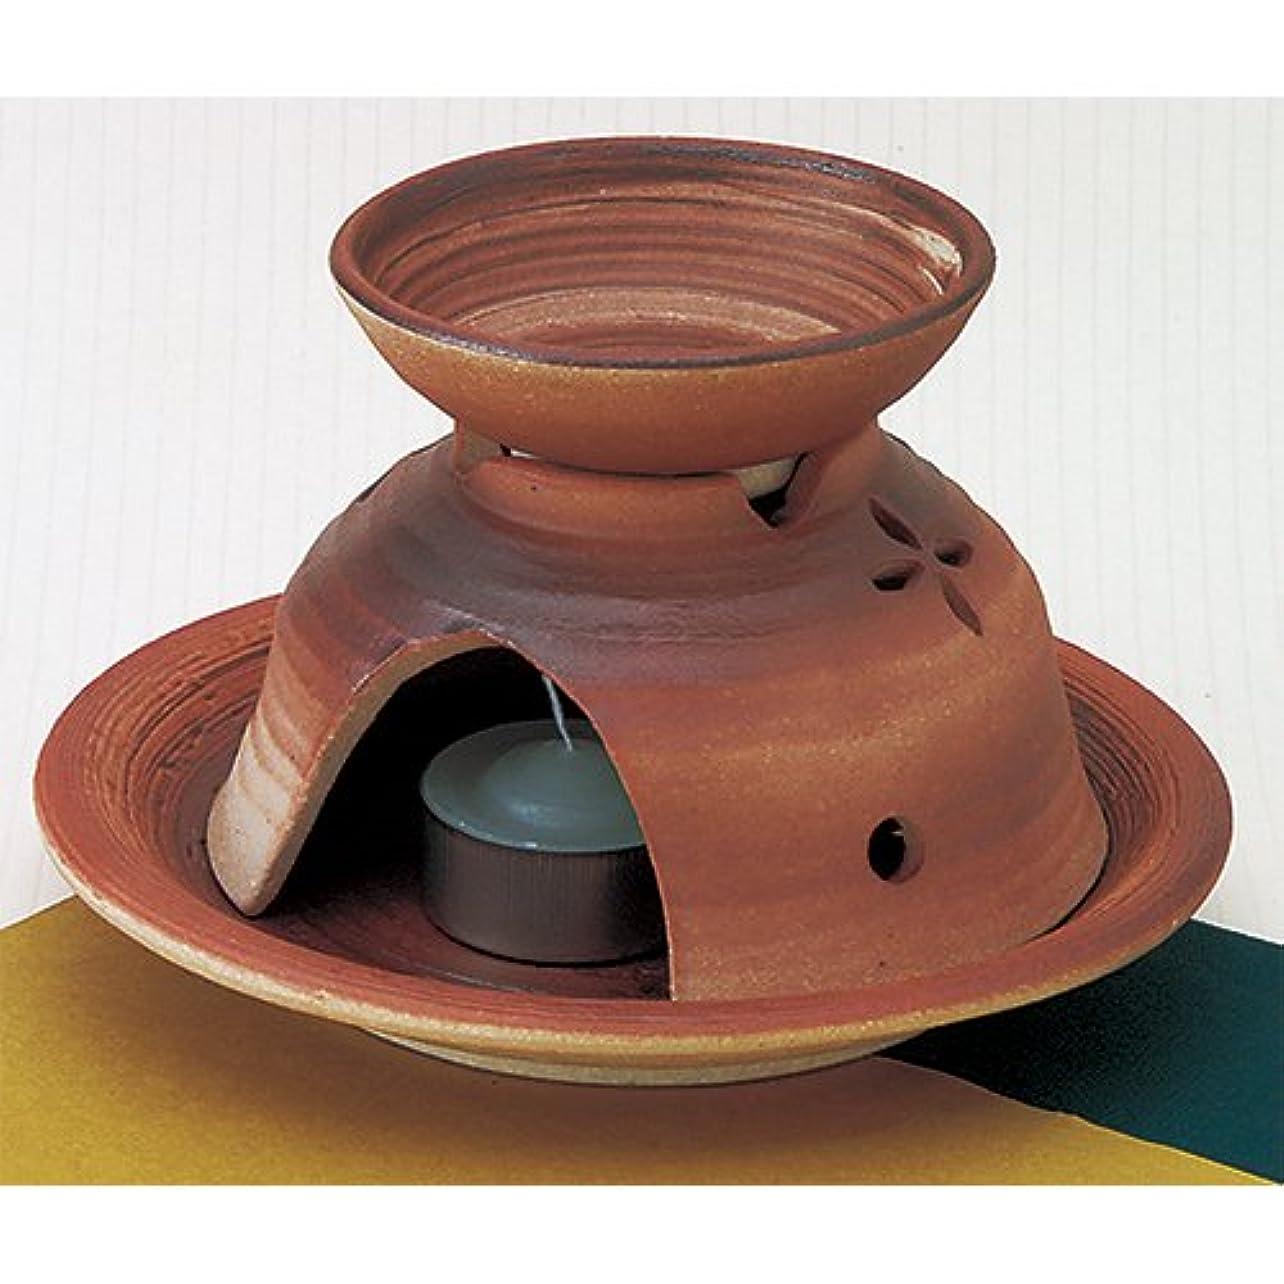 蒸発する成熟遠い香炉 花抜き 茶香炉 [R15xH9.5cm] HANDMADE プレゼント ギフト 和食器 かわいい インテリア